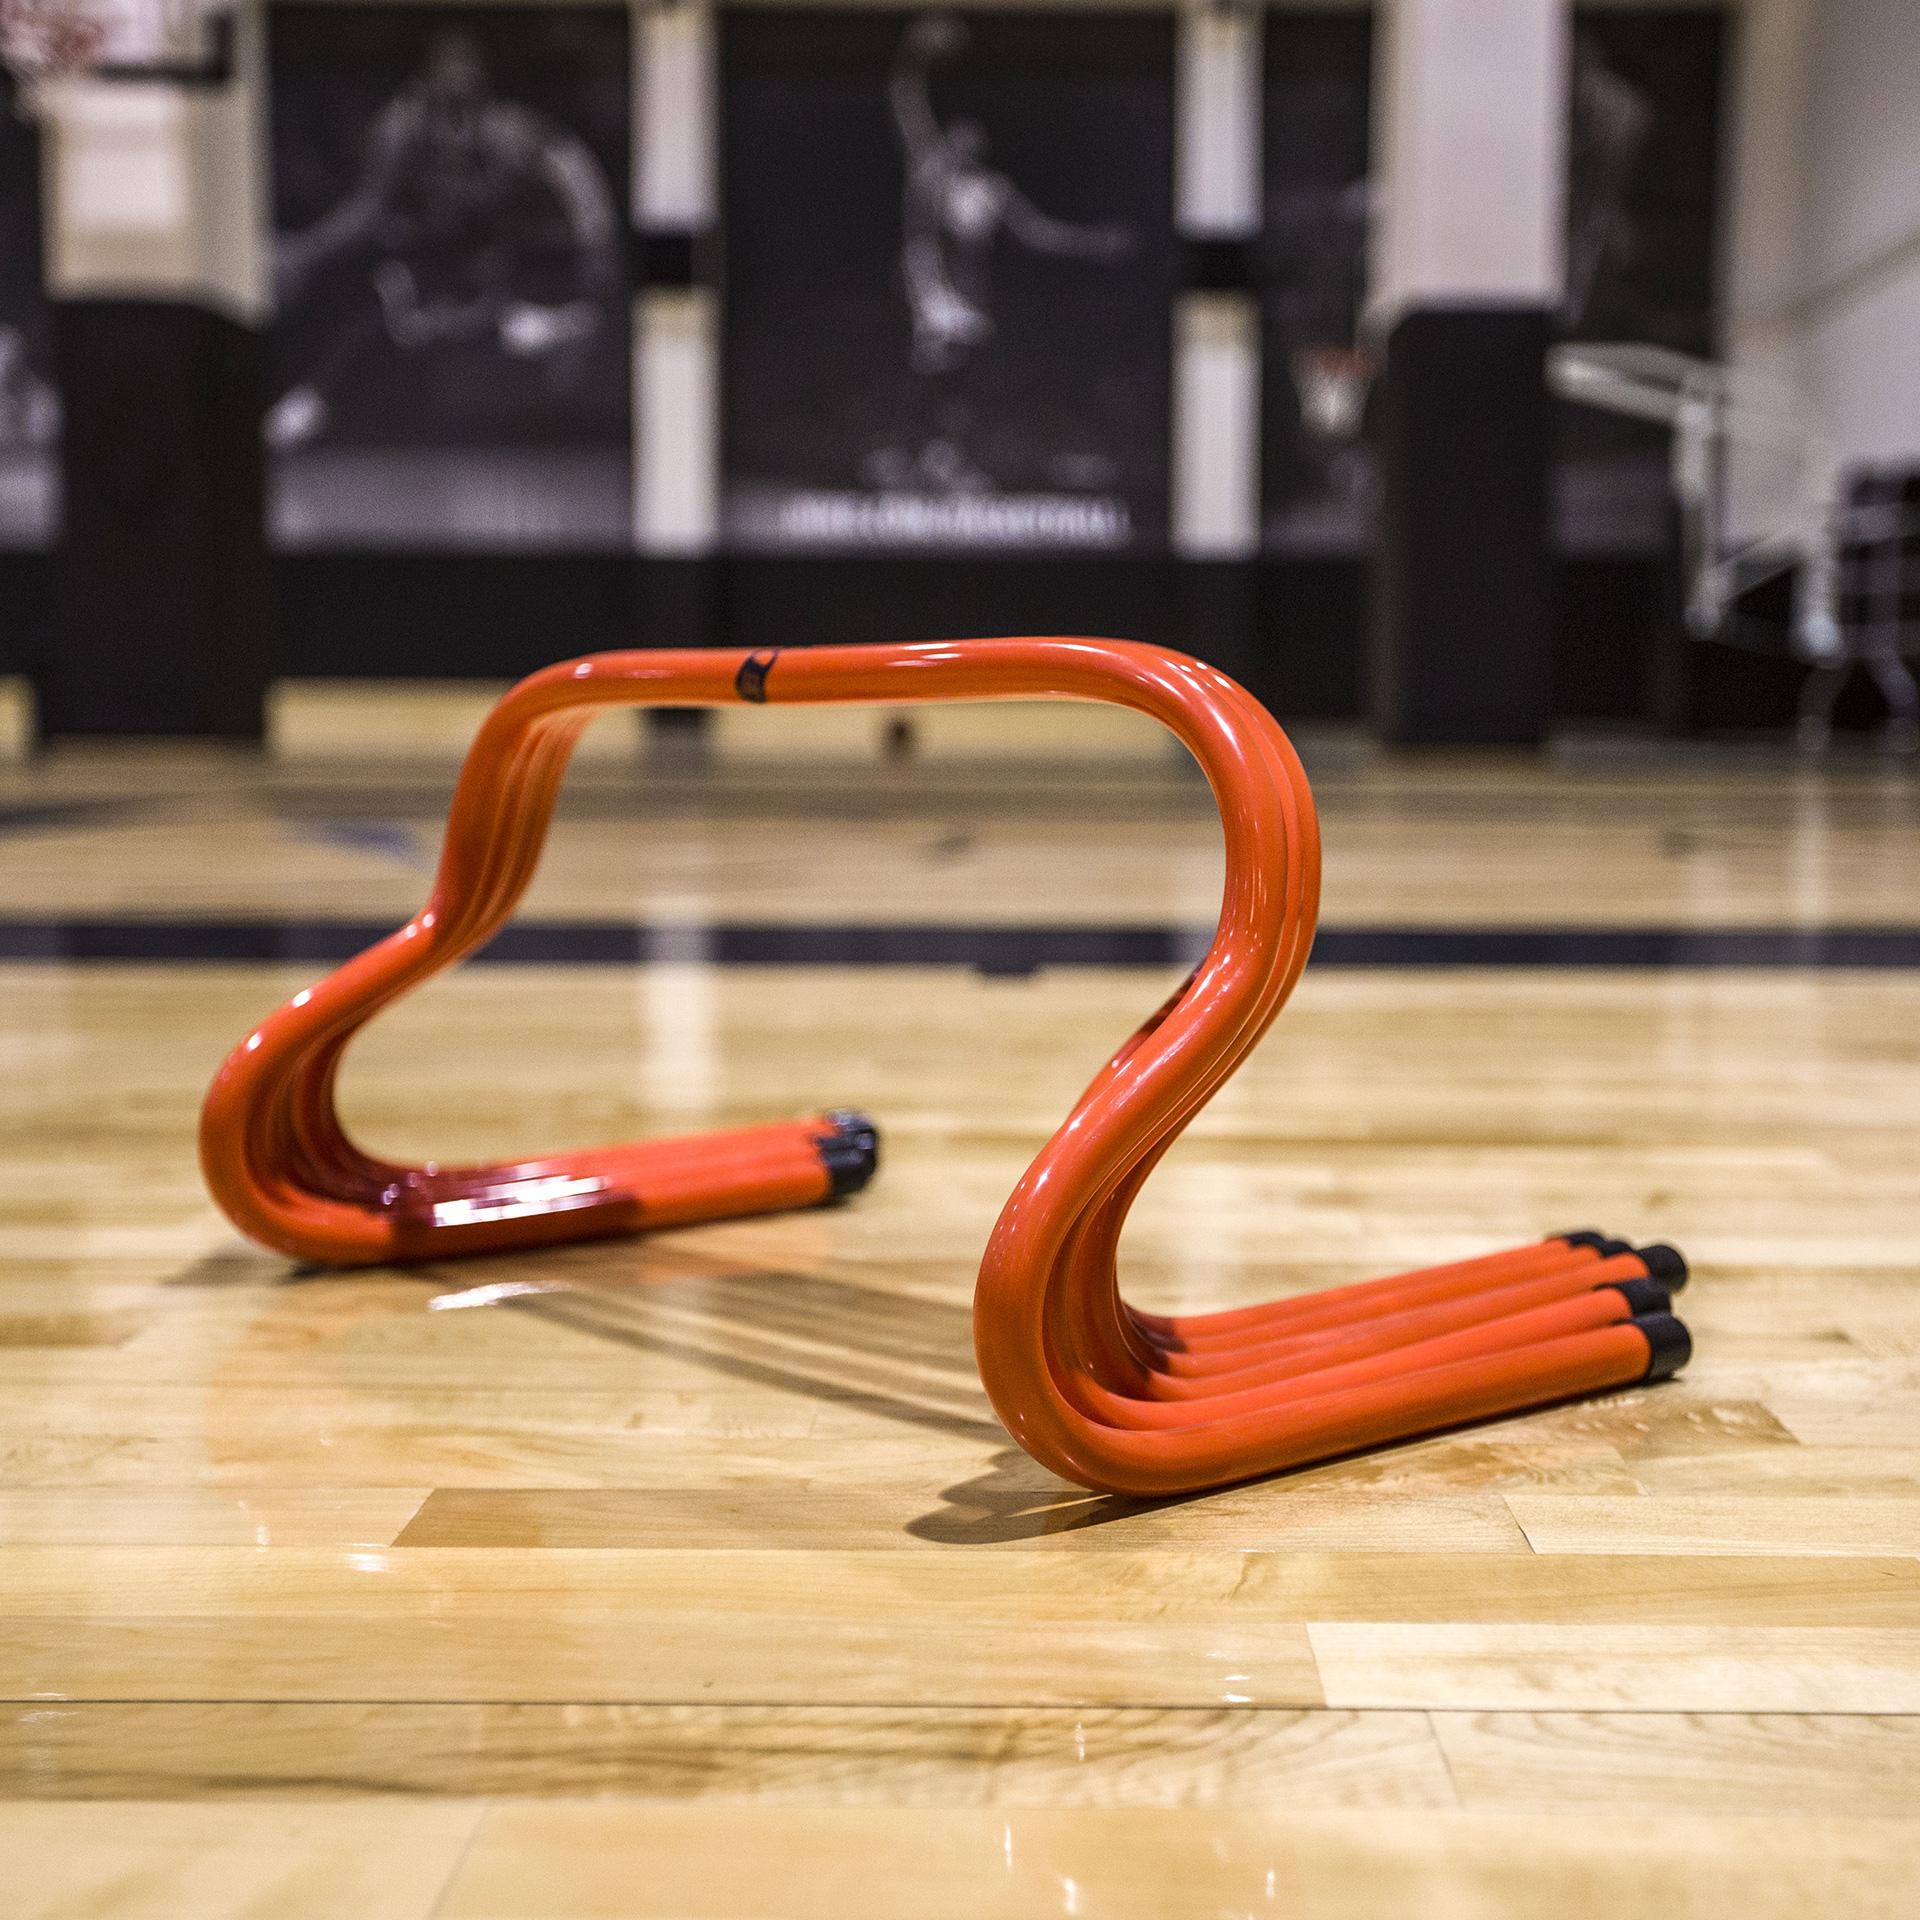 Купить оранжевый, черный  тренажёр get ripped gr not enough hurdles unadjst в магазинах Streetball изображение - 1 картинки